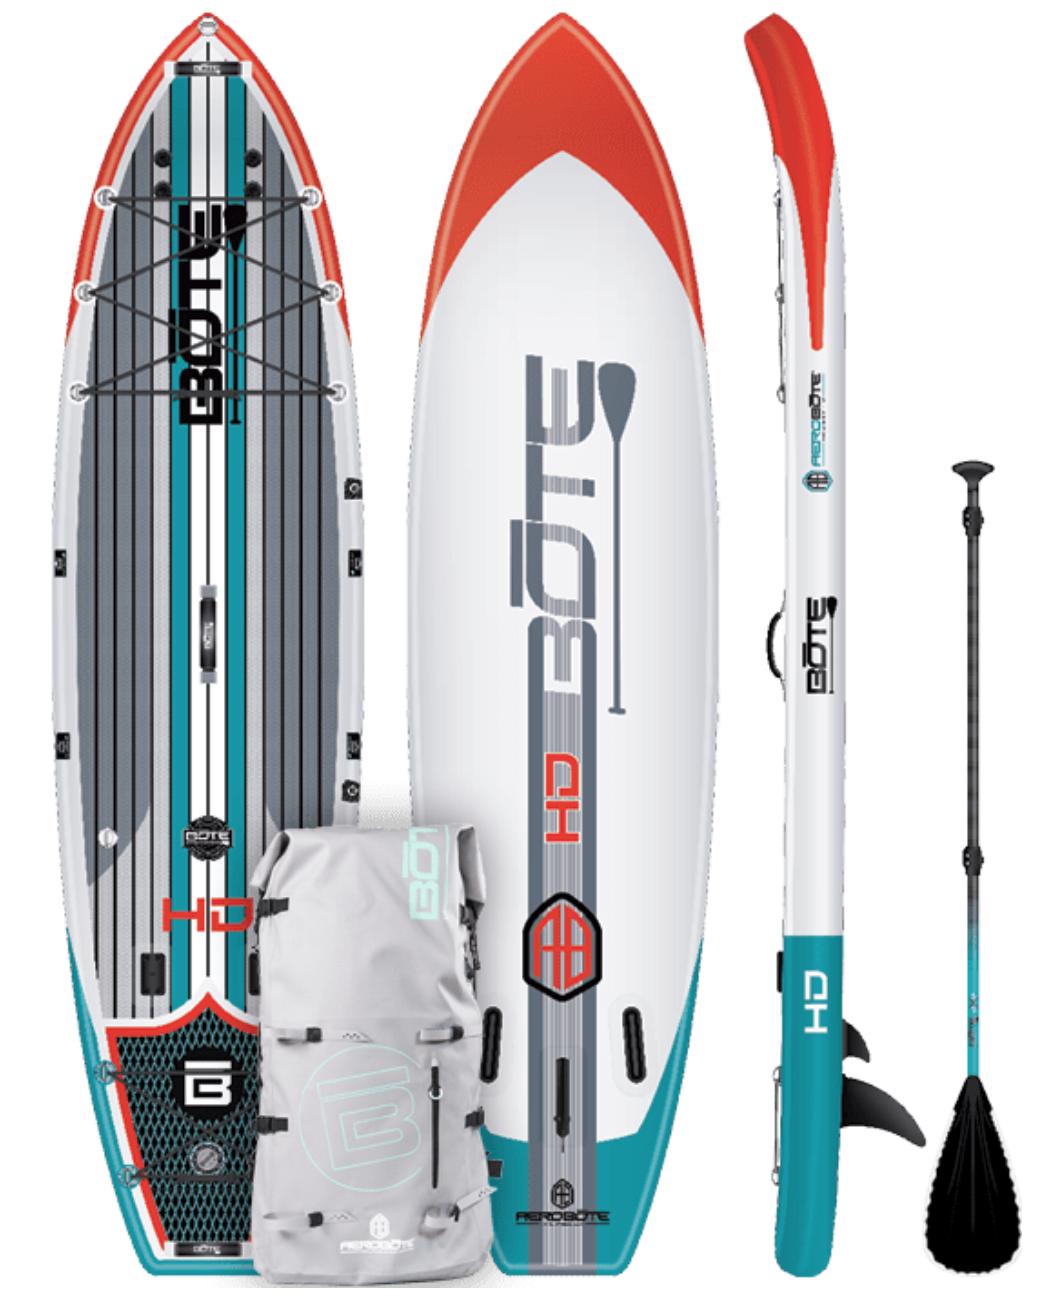 Bote HD Aero Full Trax Inflatable SUP